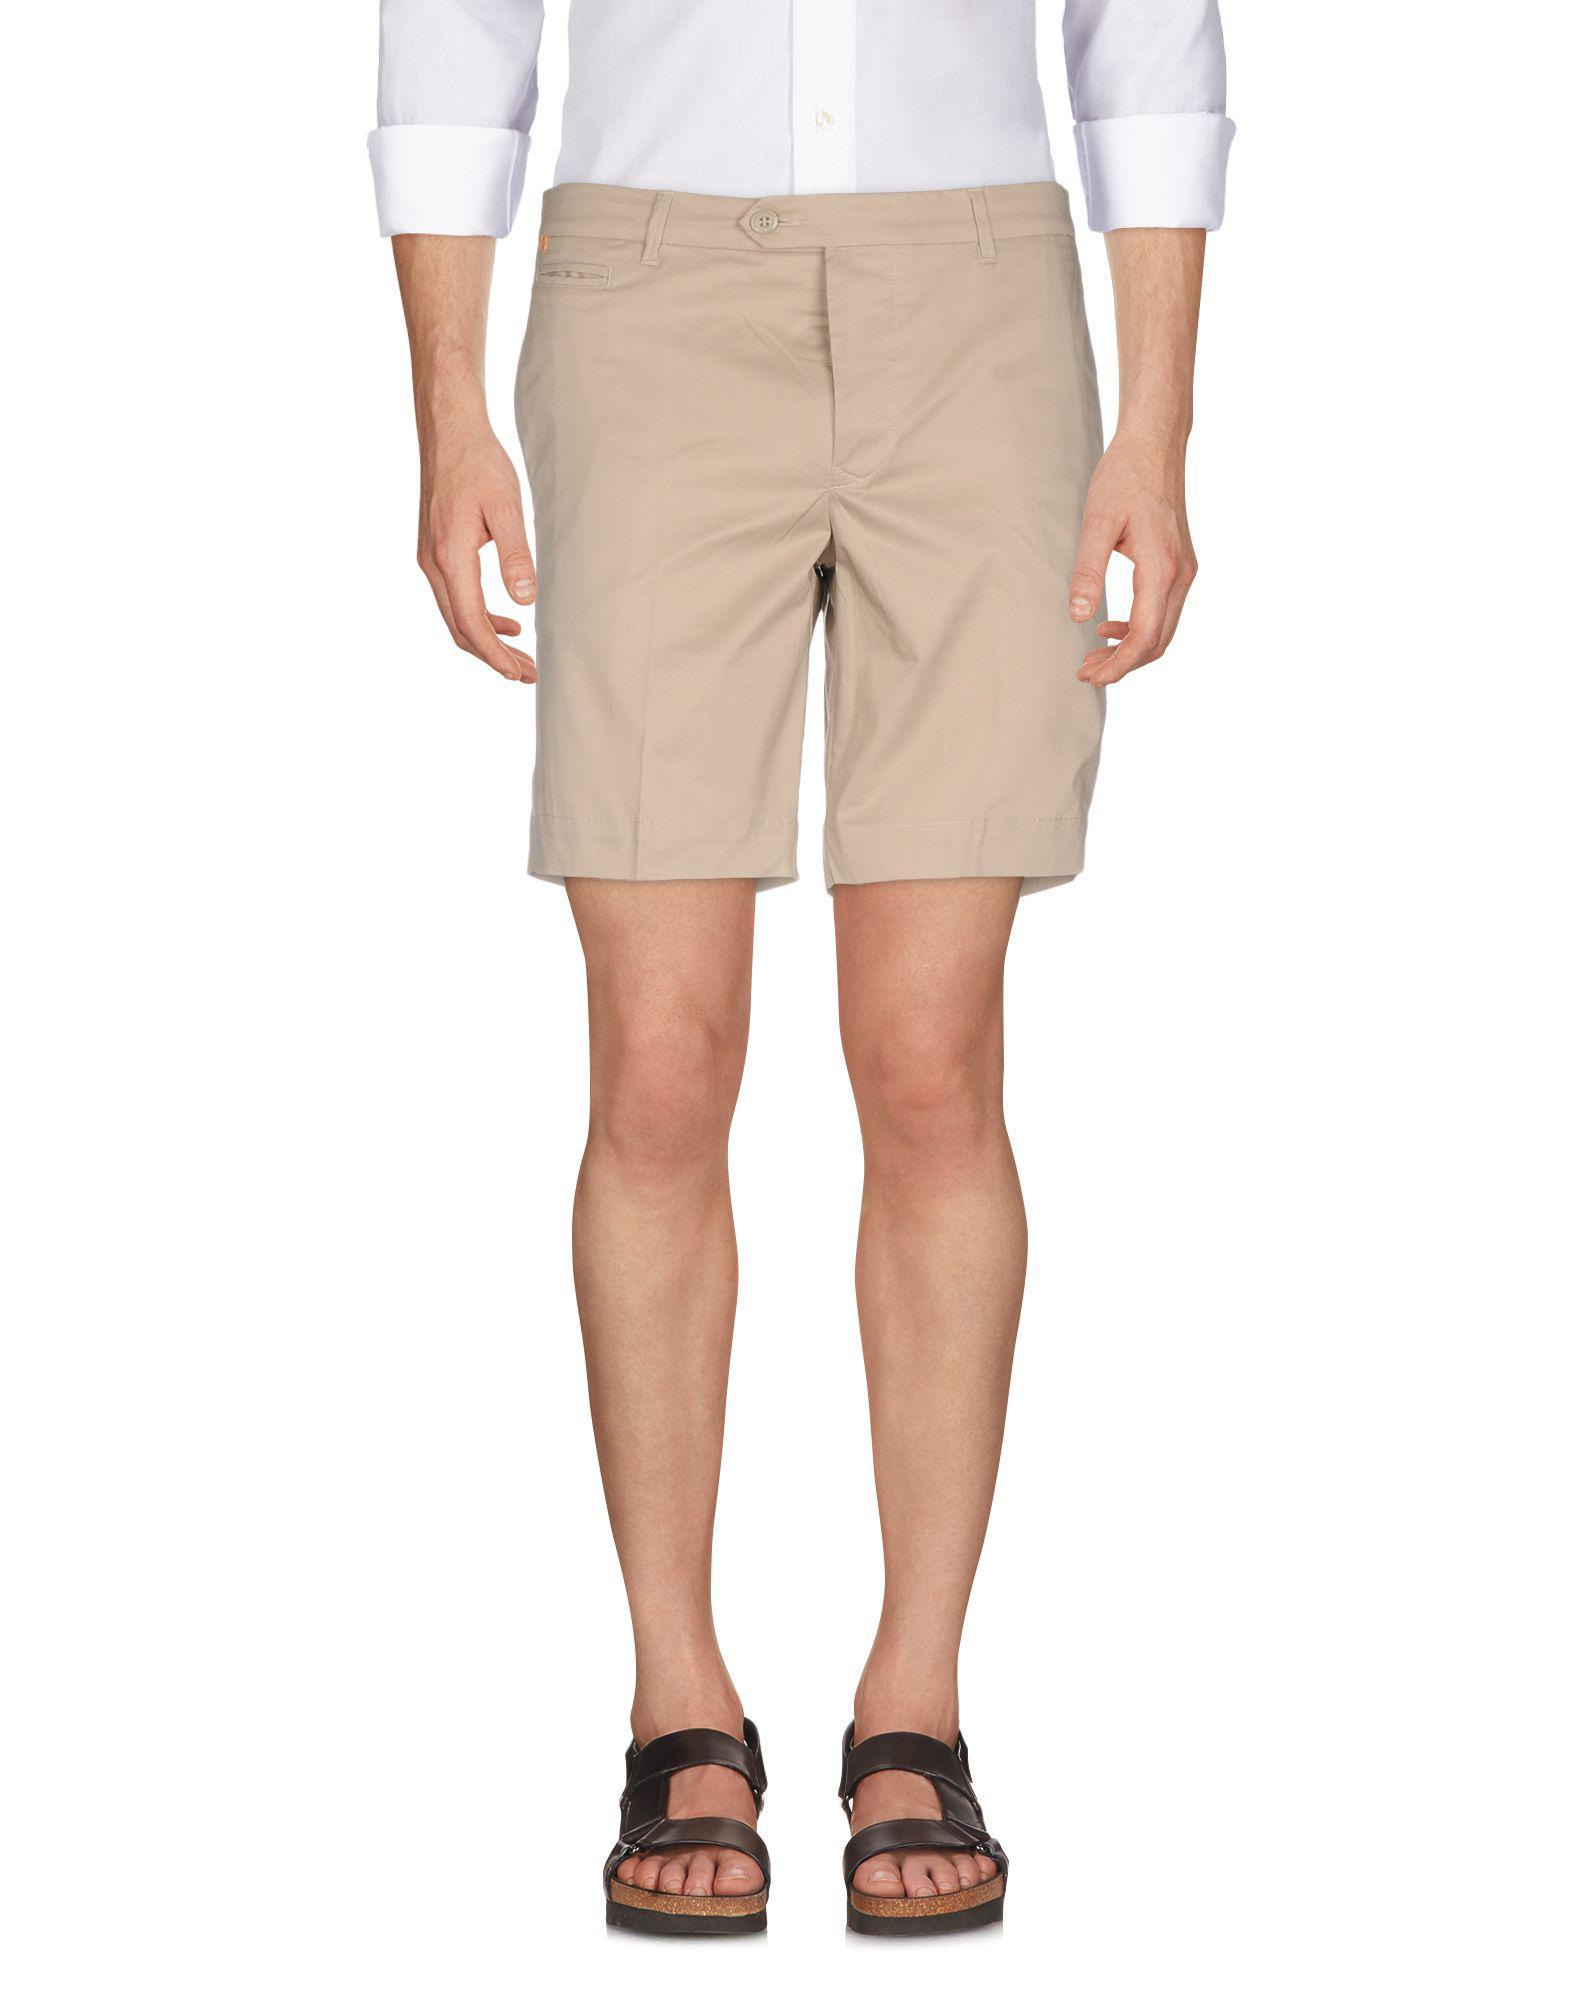 Pantalons - Bermudas Dekker TZ43B7